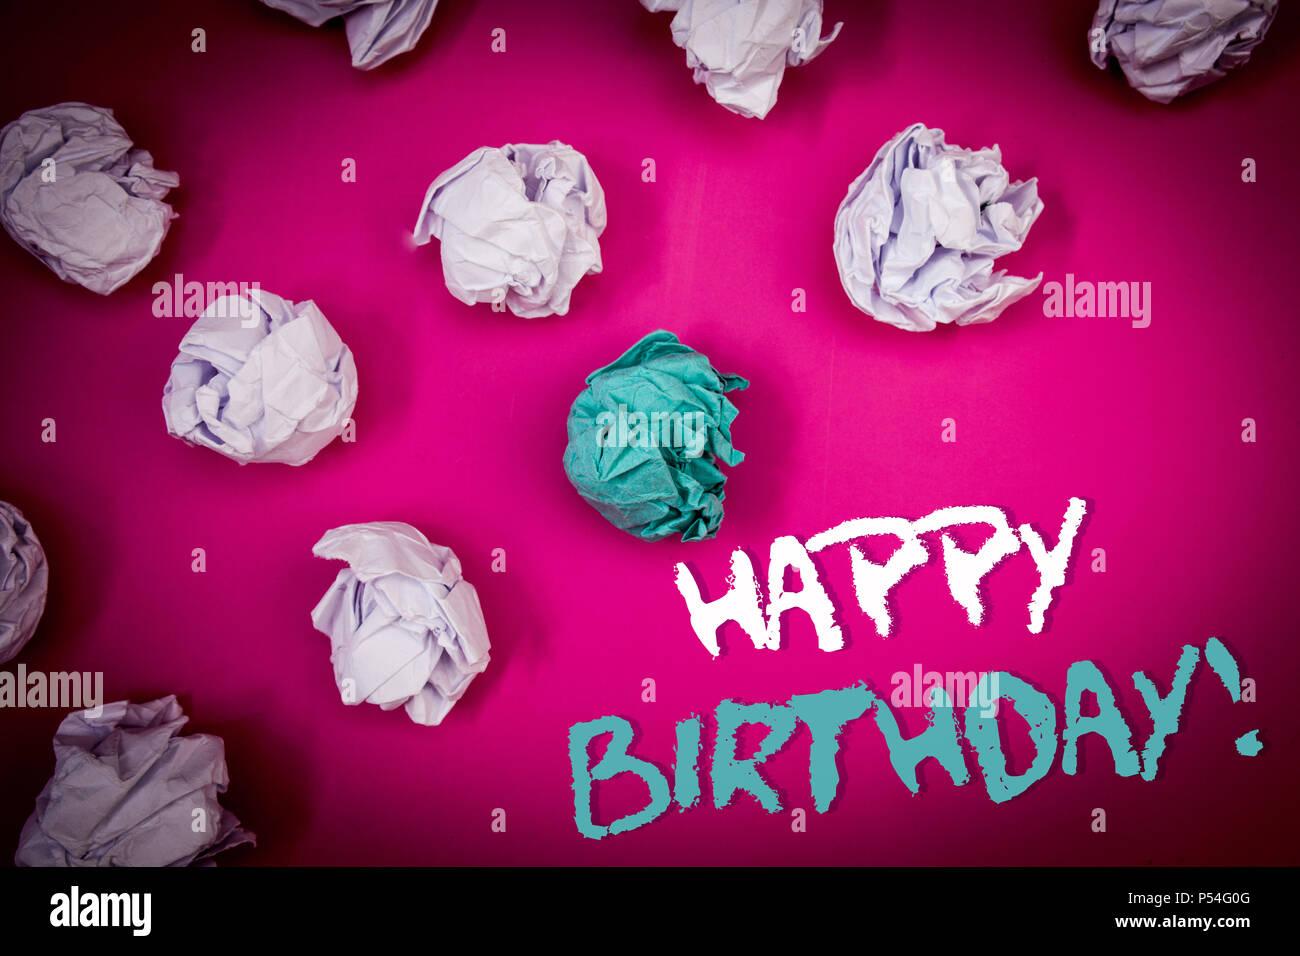 Idee Fotografiche Anniversario : Segno di testo che mostra buon compleanno motivazionali di chiamata